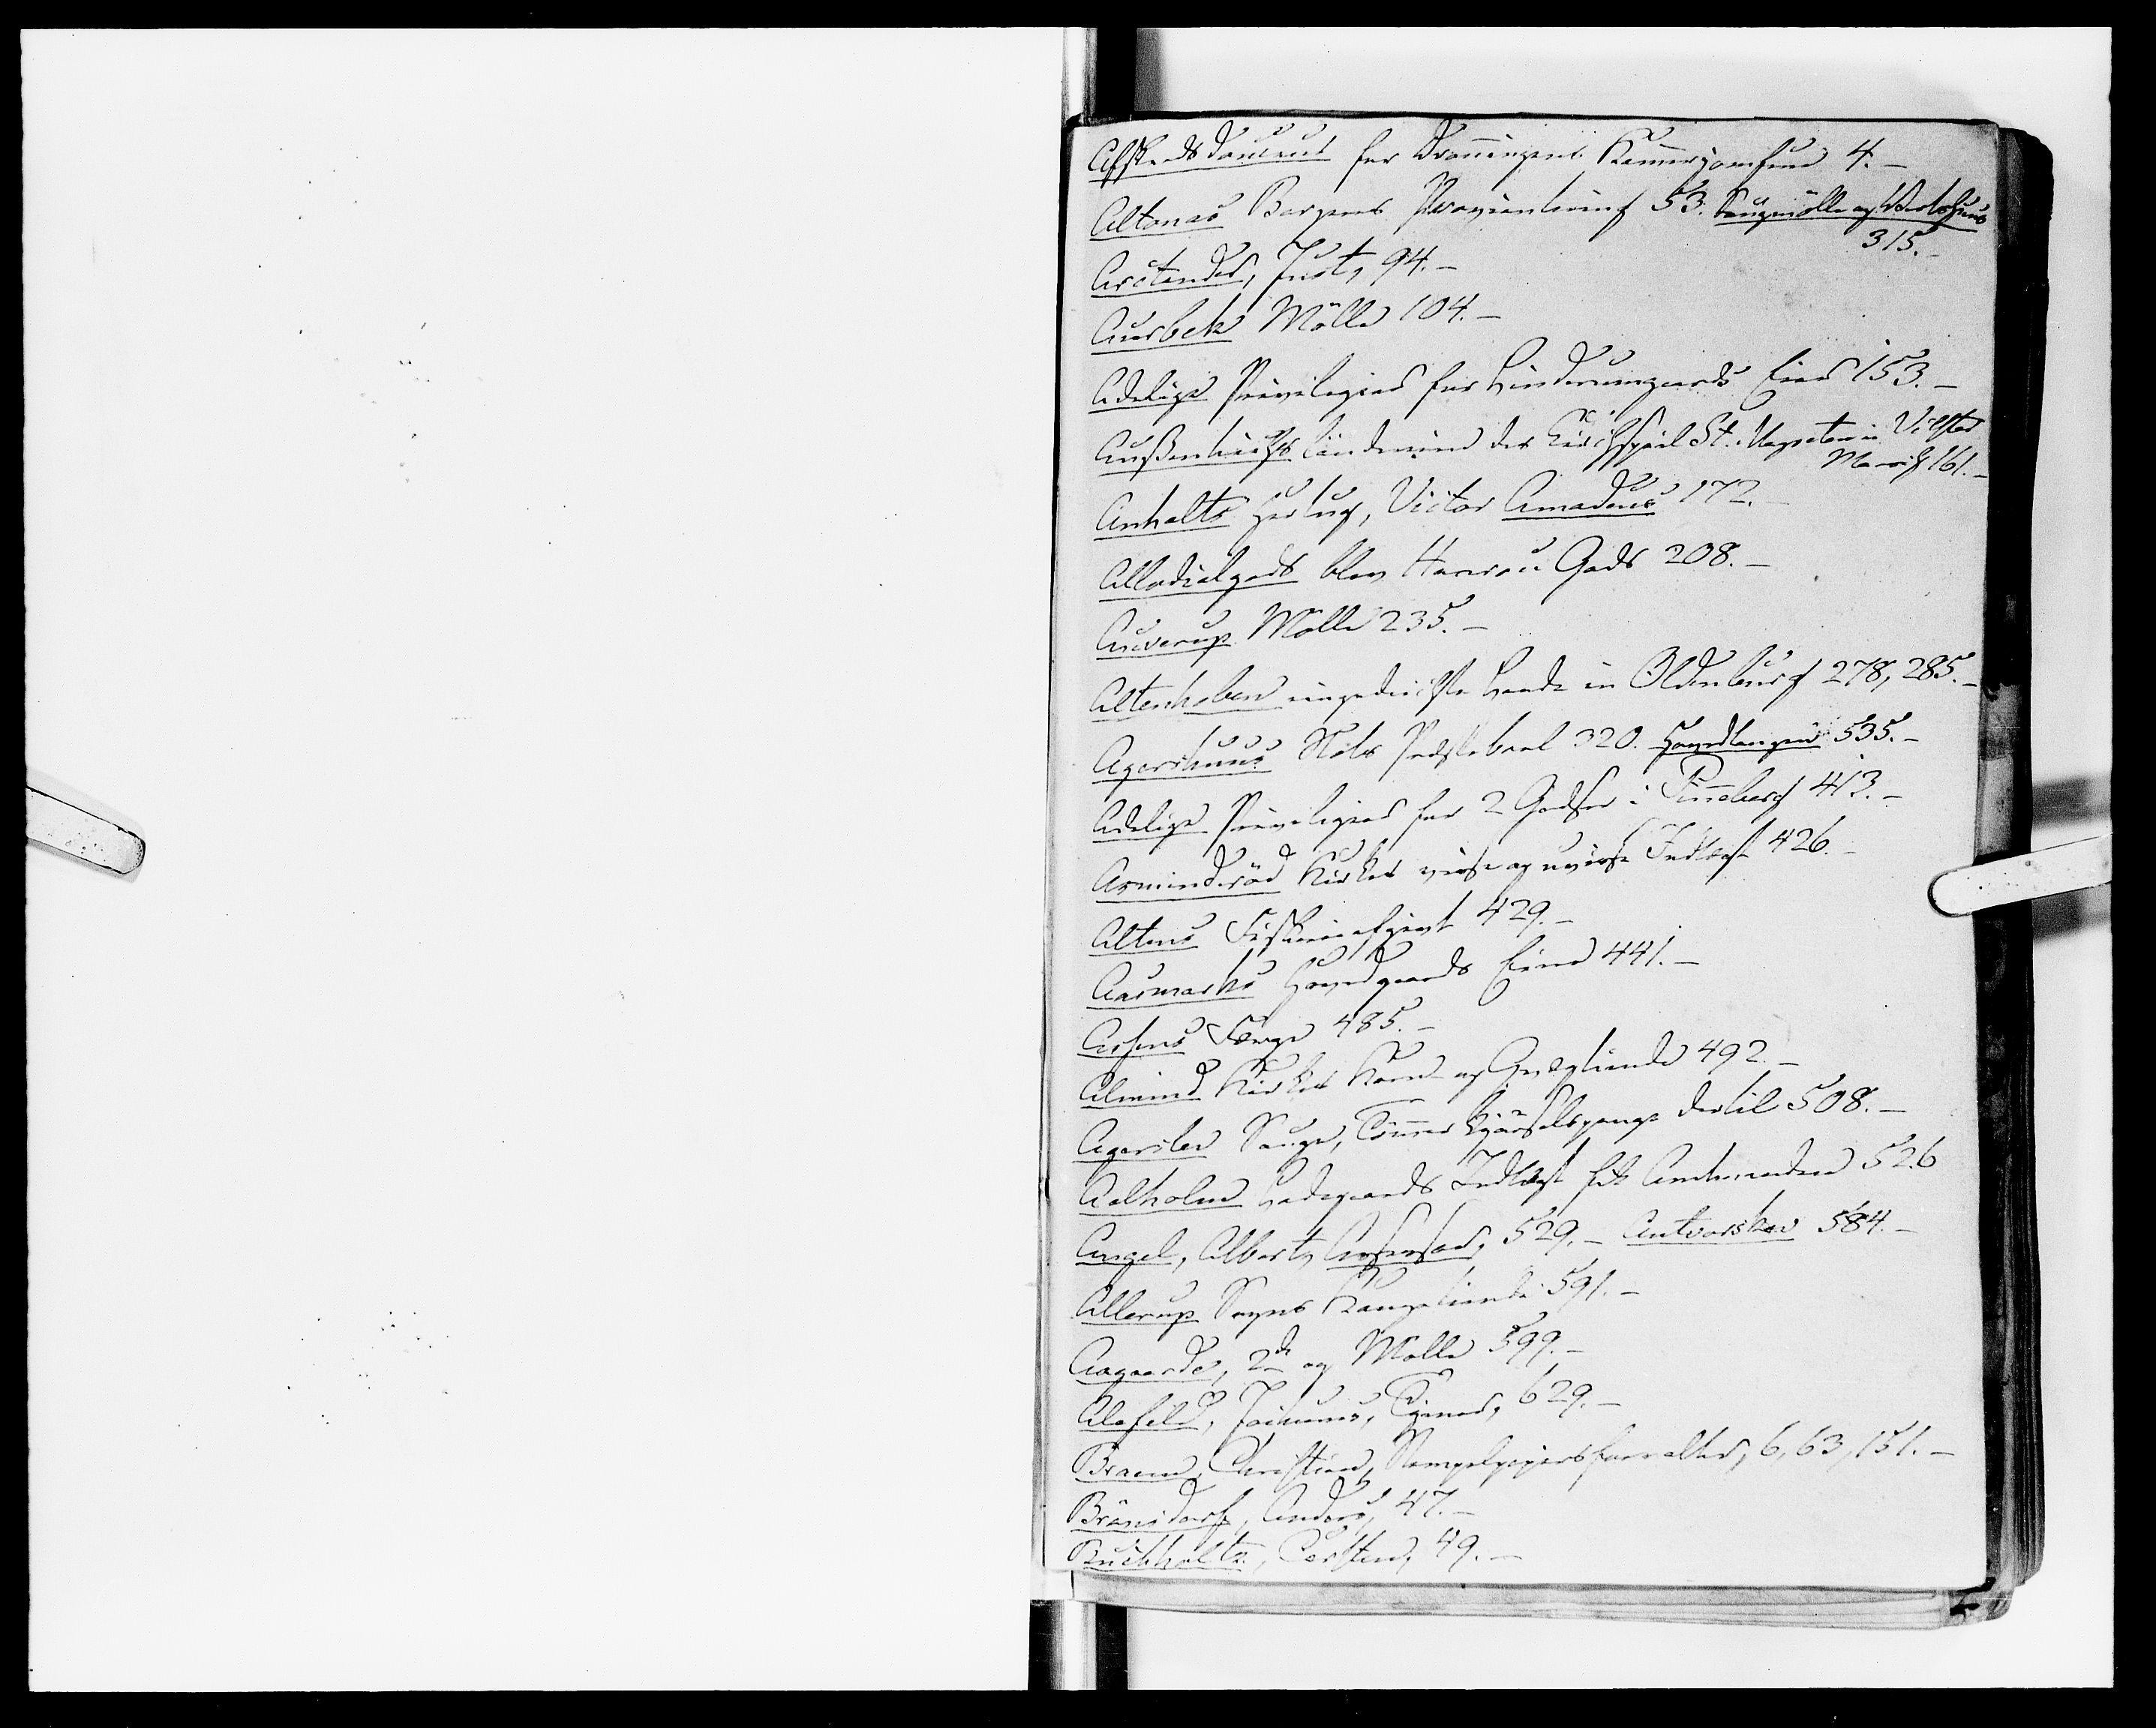 DRA, Rentekammeret Skatkammeret, Danske Sekretariat (1660-1679) / Rentekammeret Danske Afdeling, Kammerkancelliet (1679-1771), -/2212-14: Ekspeditionsprotokol, 1699-1700